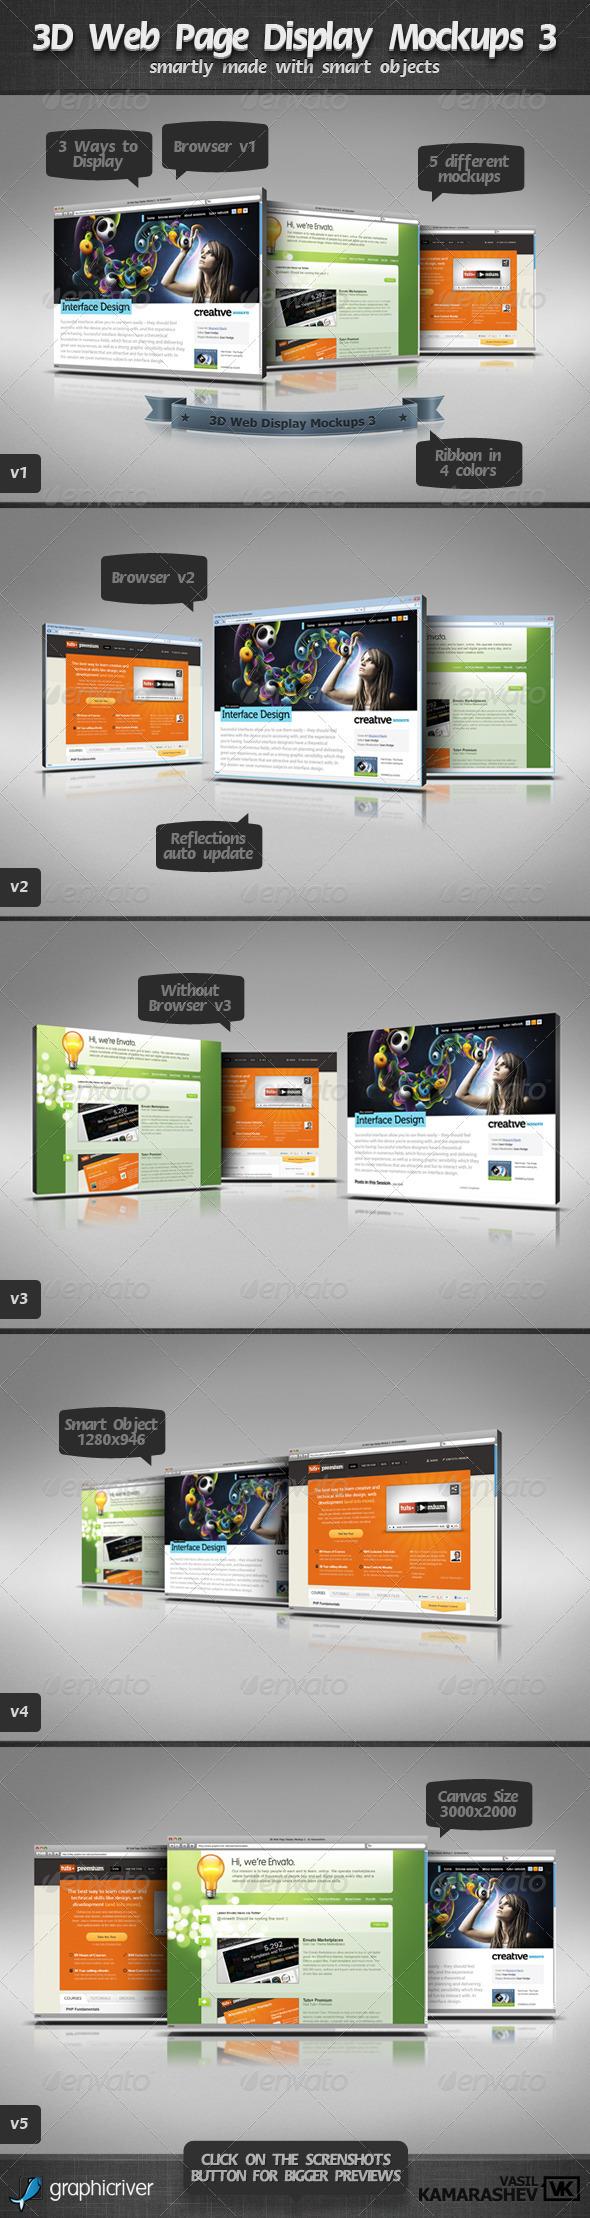 GraphicRiver 3D Web Page Display Mockups 3 2444115